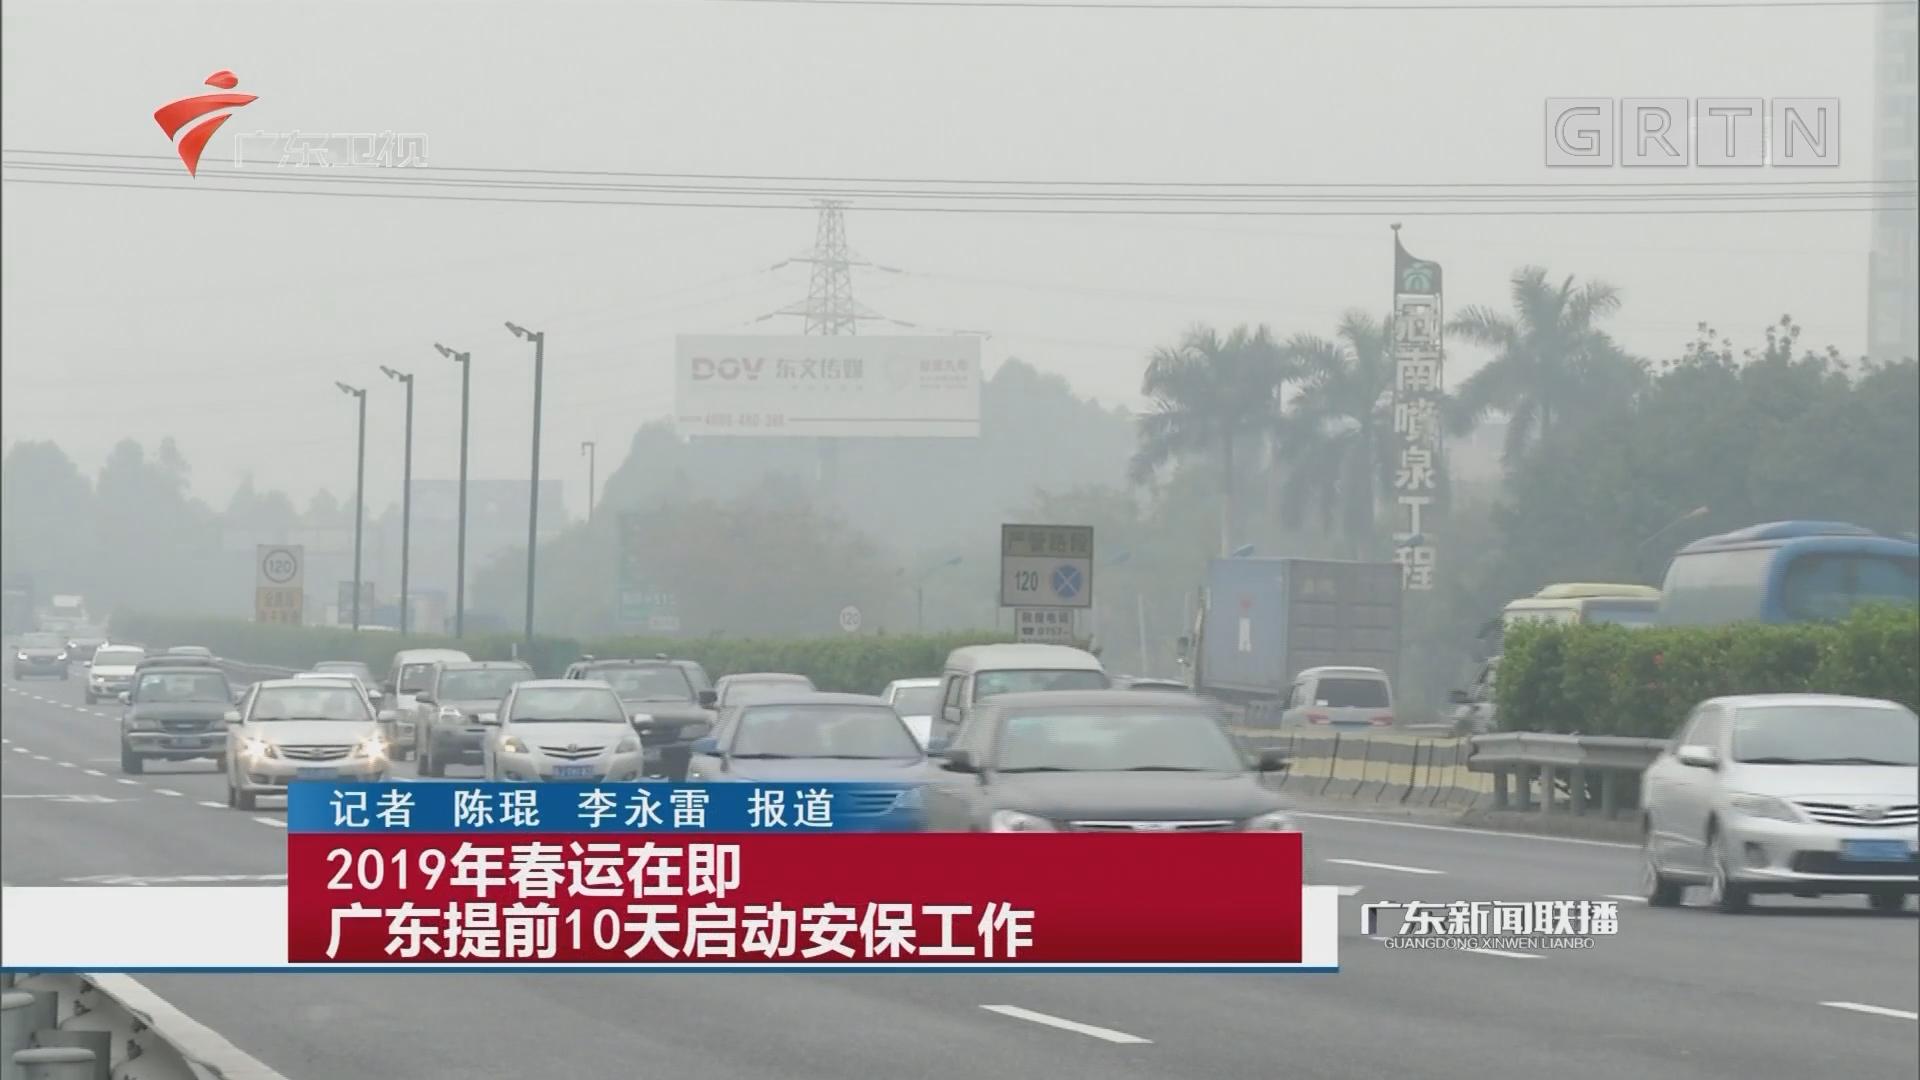 2019年春运在即 广东提前10天启动安保工作